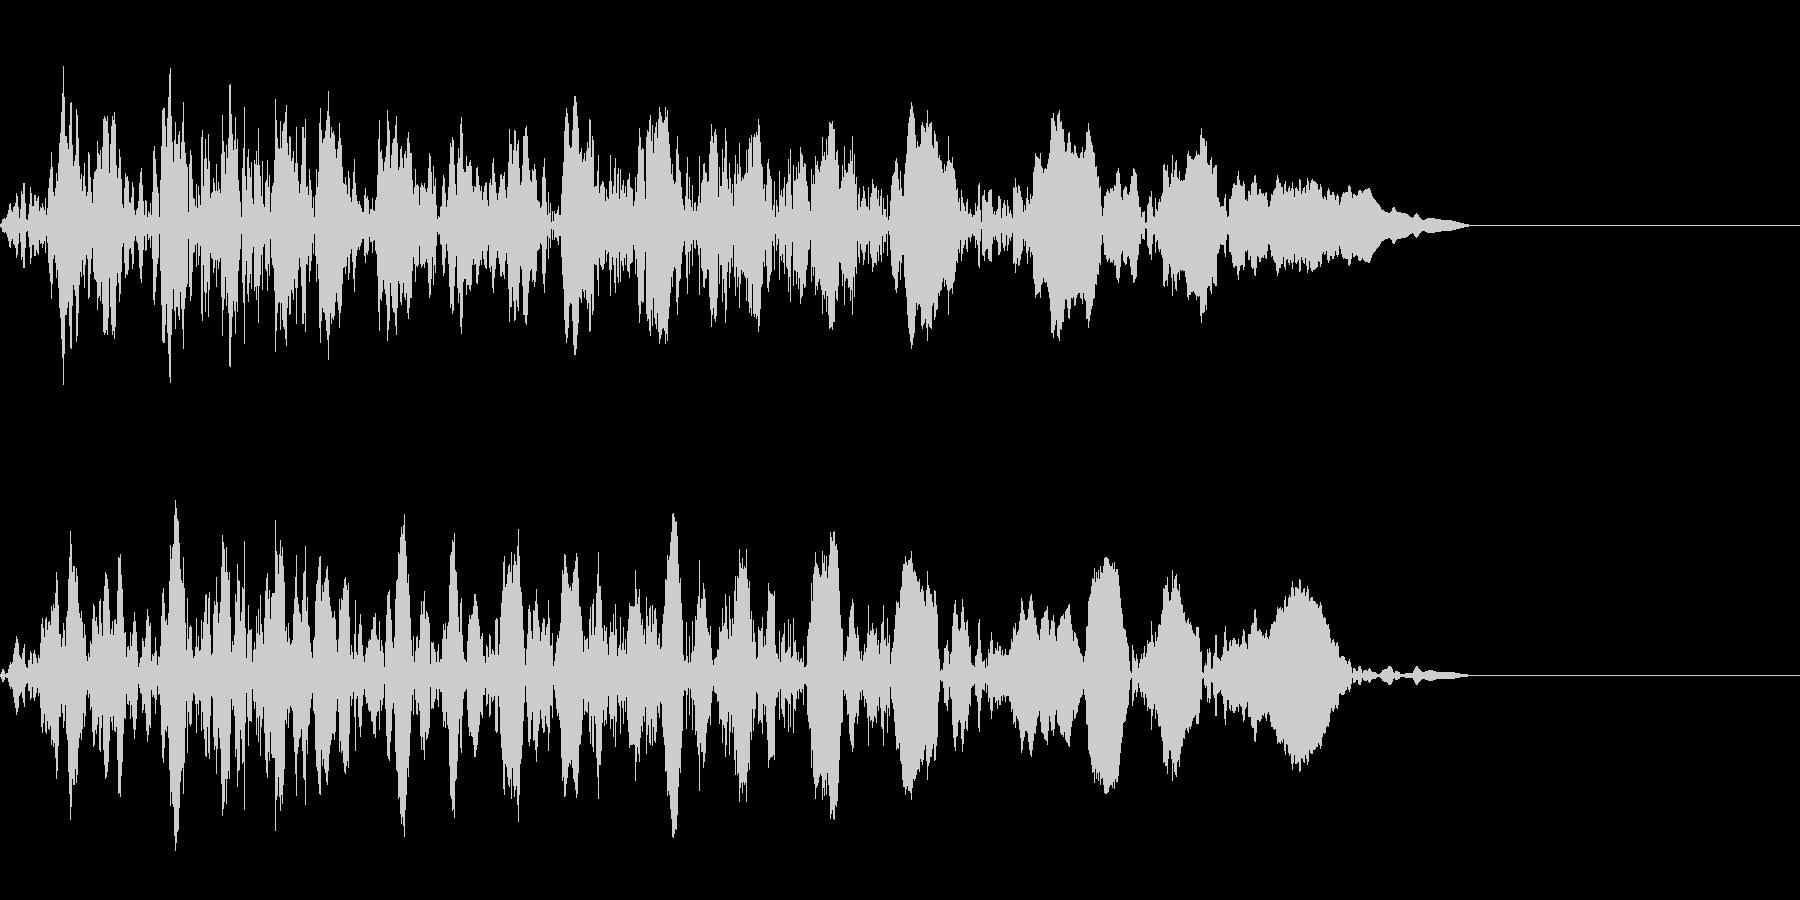 ギューン:テープストップの音(短)の未再生の波形